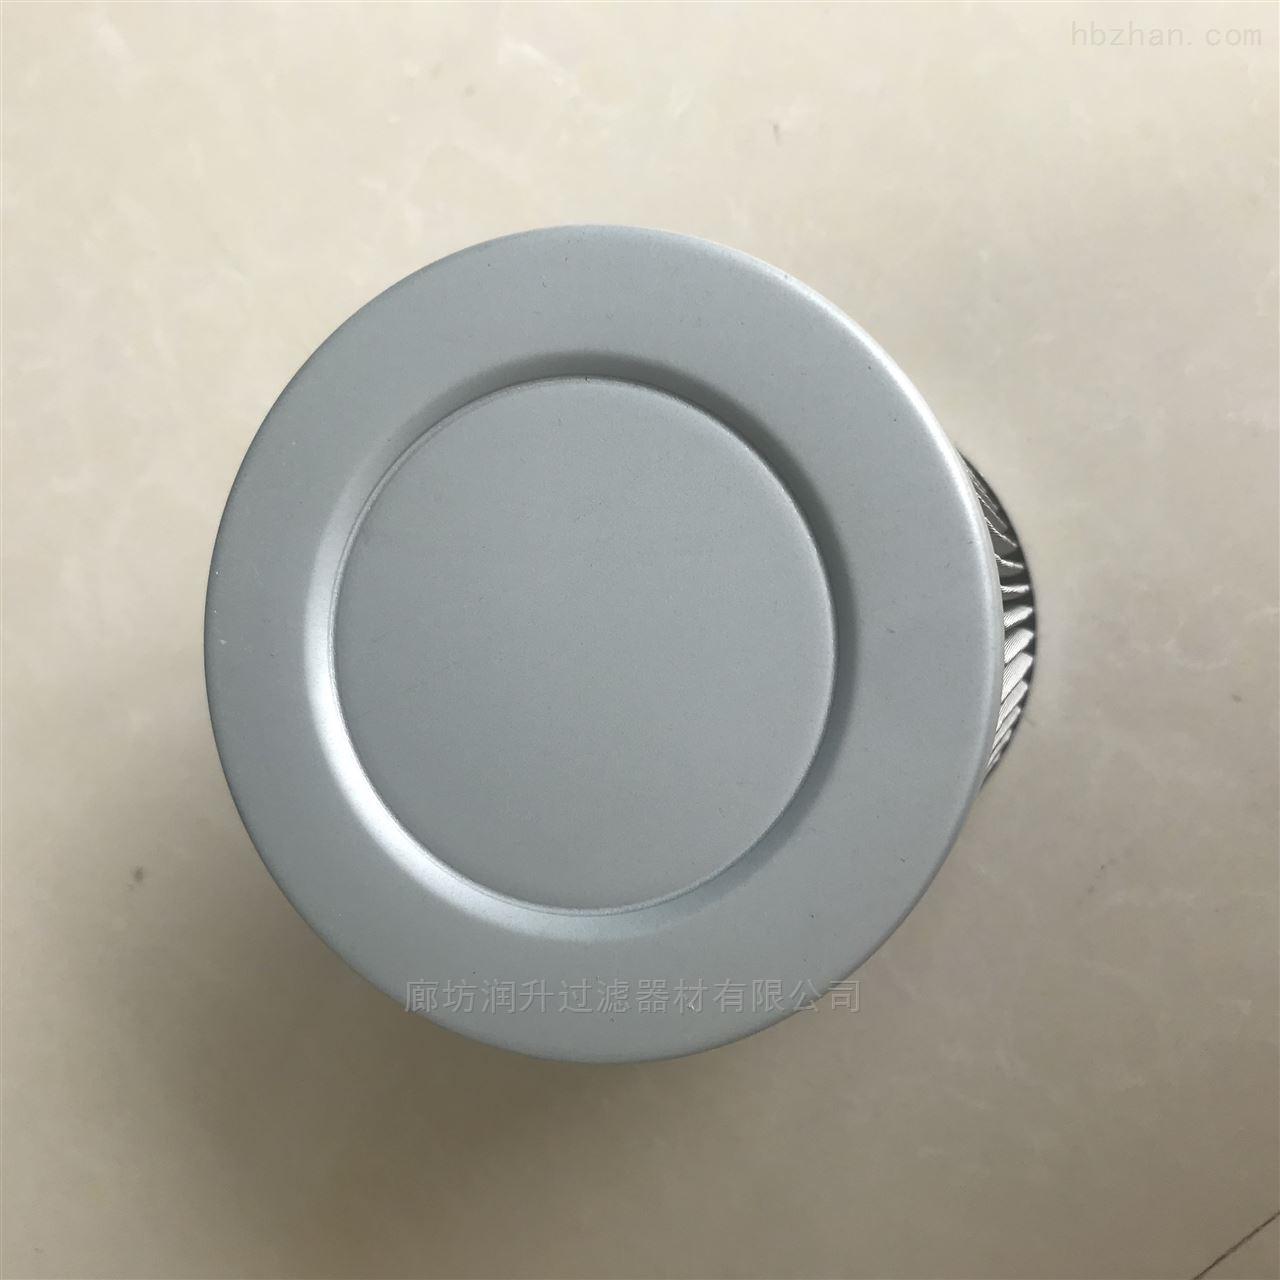 龙岩DFM40PP005A01滤芯厂家价格